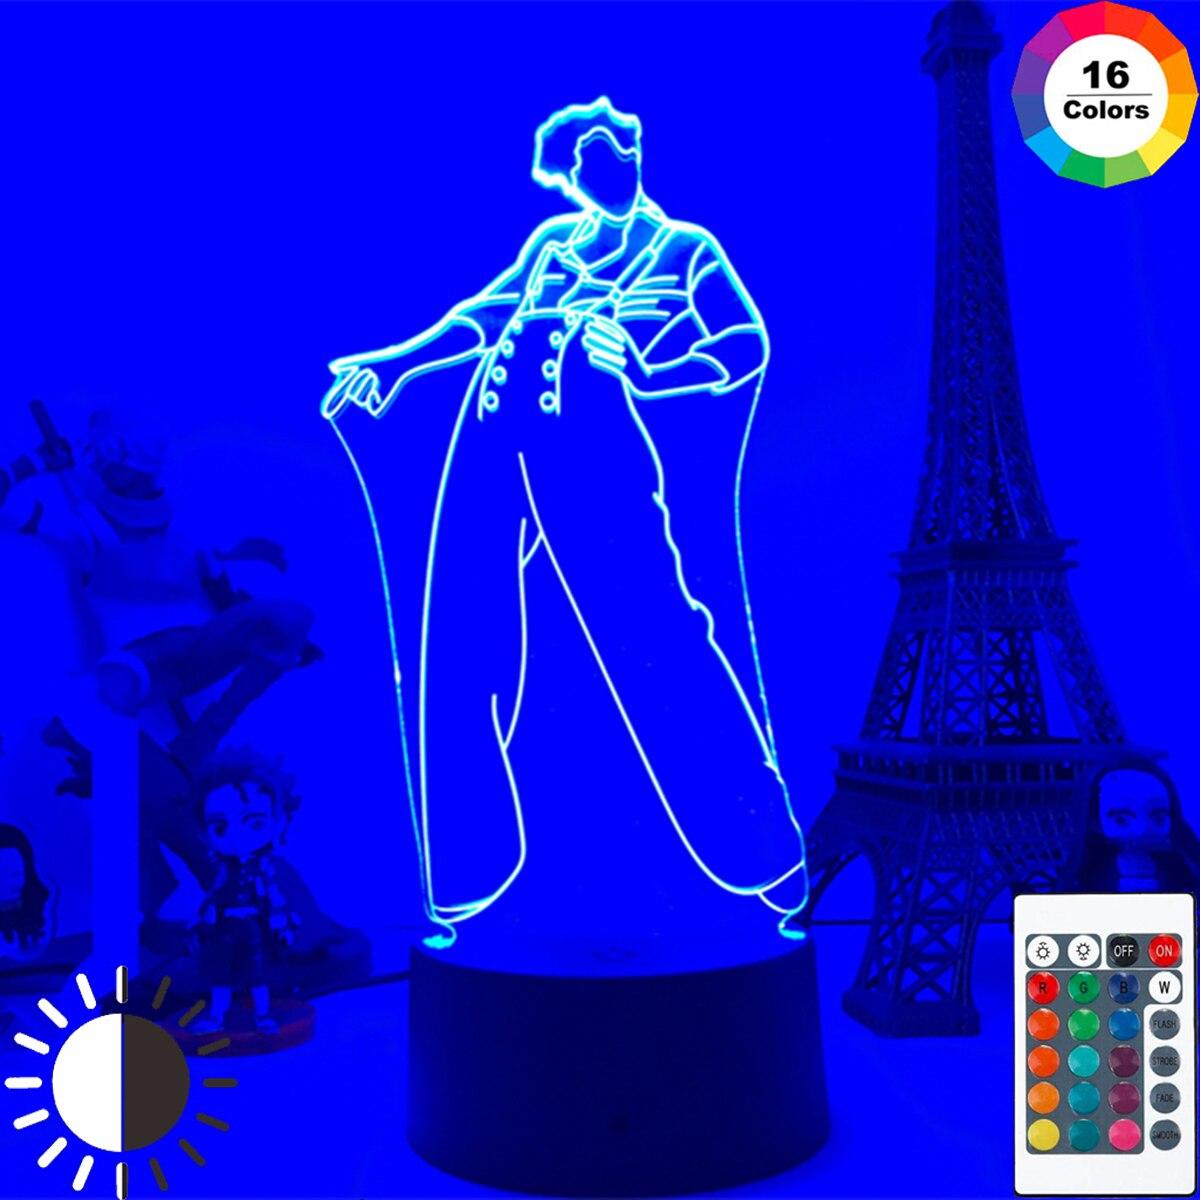 3d-светильник в стиле Гарри Эдварда, лампа в виде звезд, подарок для фанатов, декоративсветильник лампа с сенсорным датчиком, настольная ламп...